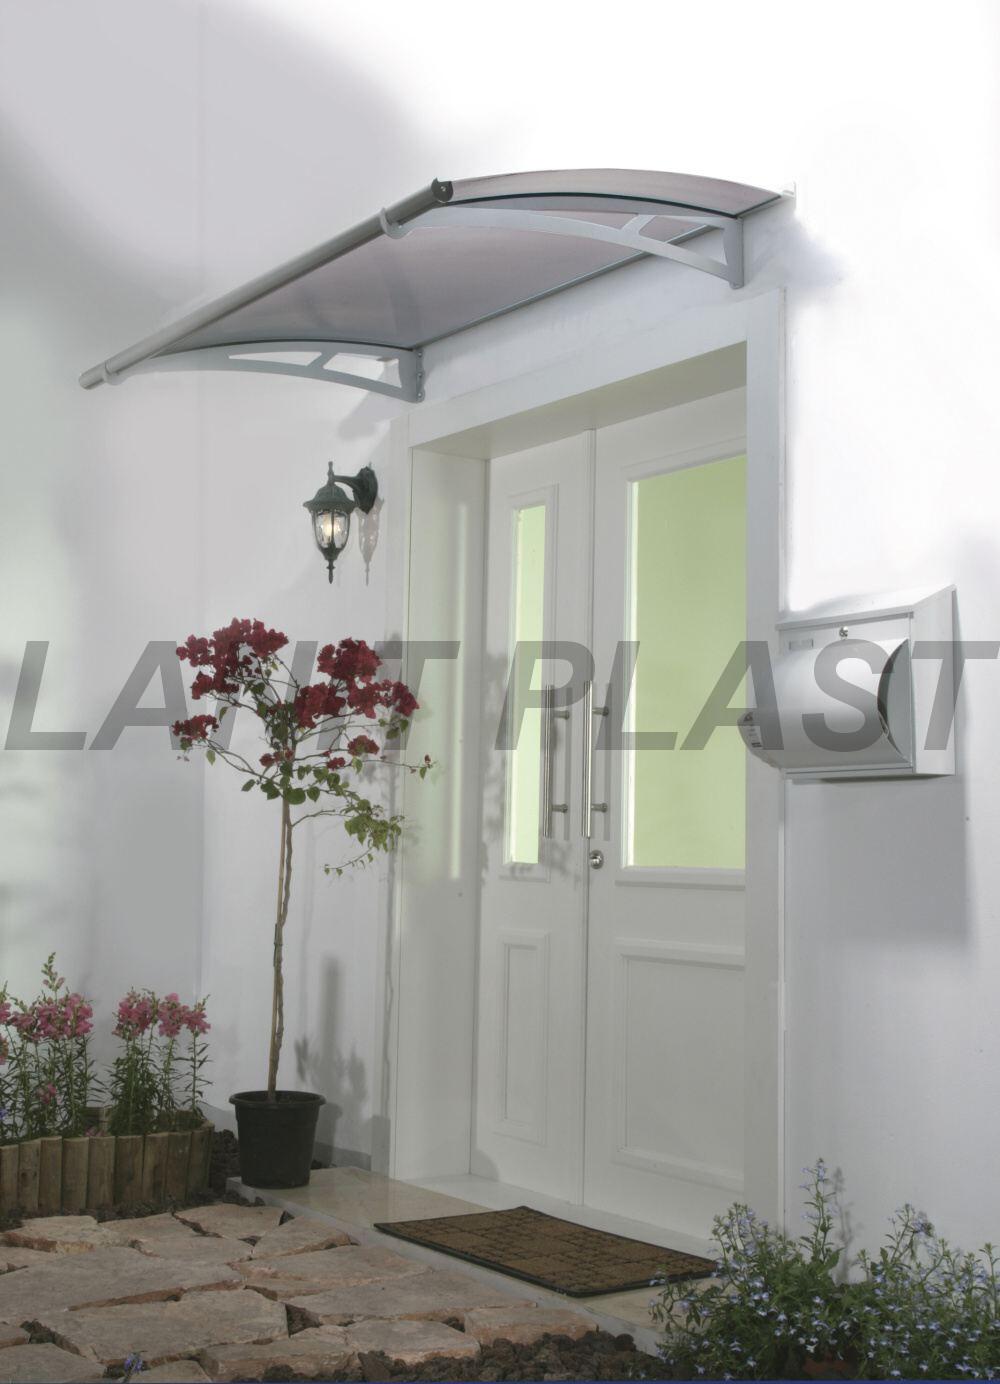 vchodová stříška PALRAM AQUILA 1500 šedá, šedé plexi